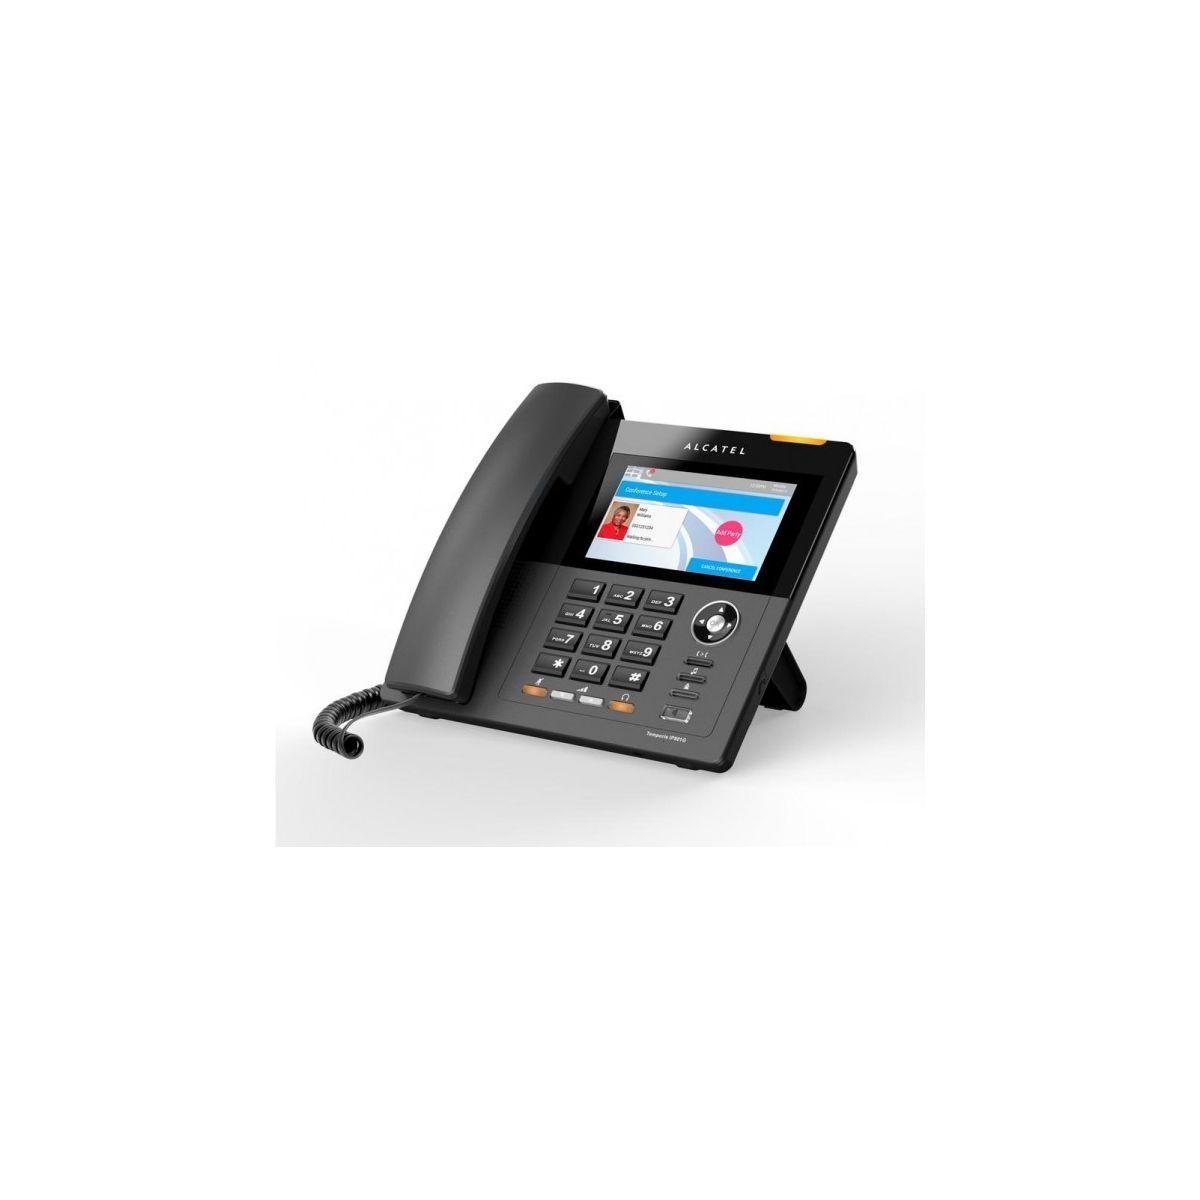 T�l�phone ip alcatel temporis ip901g - 20% de remise imm�diate avec le code : automne20 (photo)